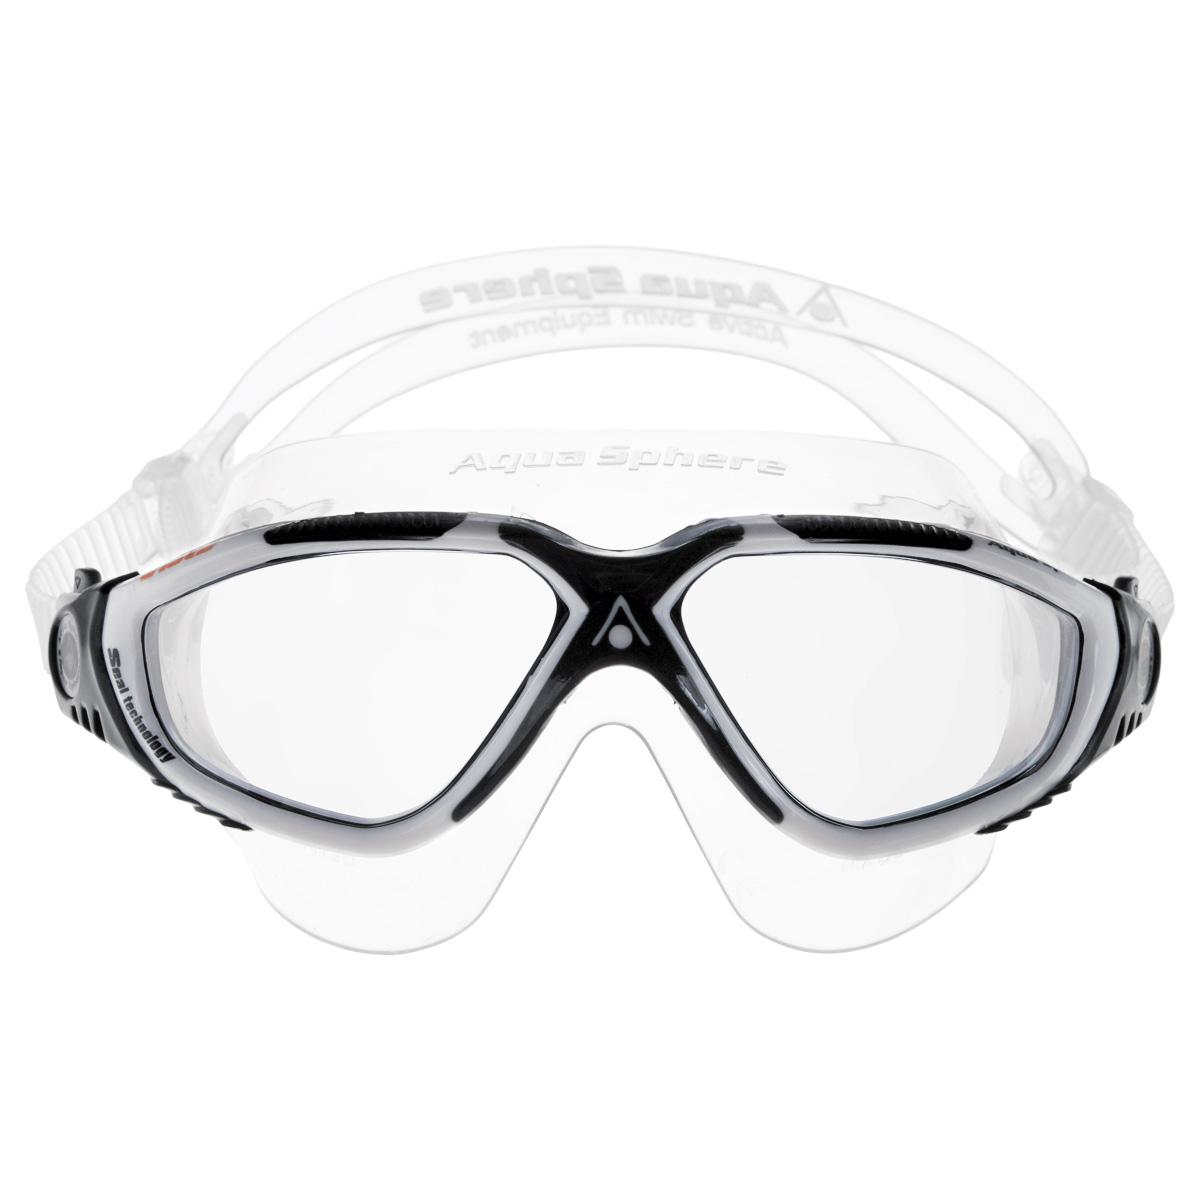 Очки для плавания Aqua Sphere Vista, темные линзы, цвет: белый, черныйTN 172670Очки Aqua Sphere Vista имеют исключительно малую парусность, что минимизирует вероятность их сползания во время плавания. Кристально прозрачные полукруглые линзы обеспечивают обзор 180°. Очки дают 100% защиту от ультрафиолетового излучения. Специальное покрытие препятствует запотеванию стекол. Материал: силикон, plexisol.